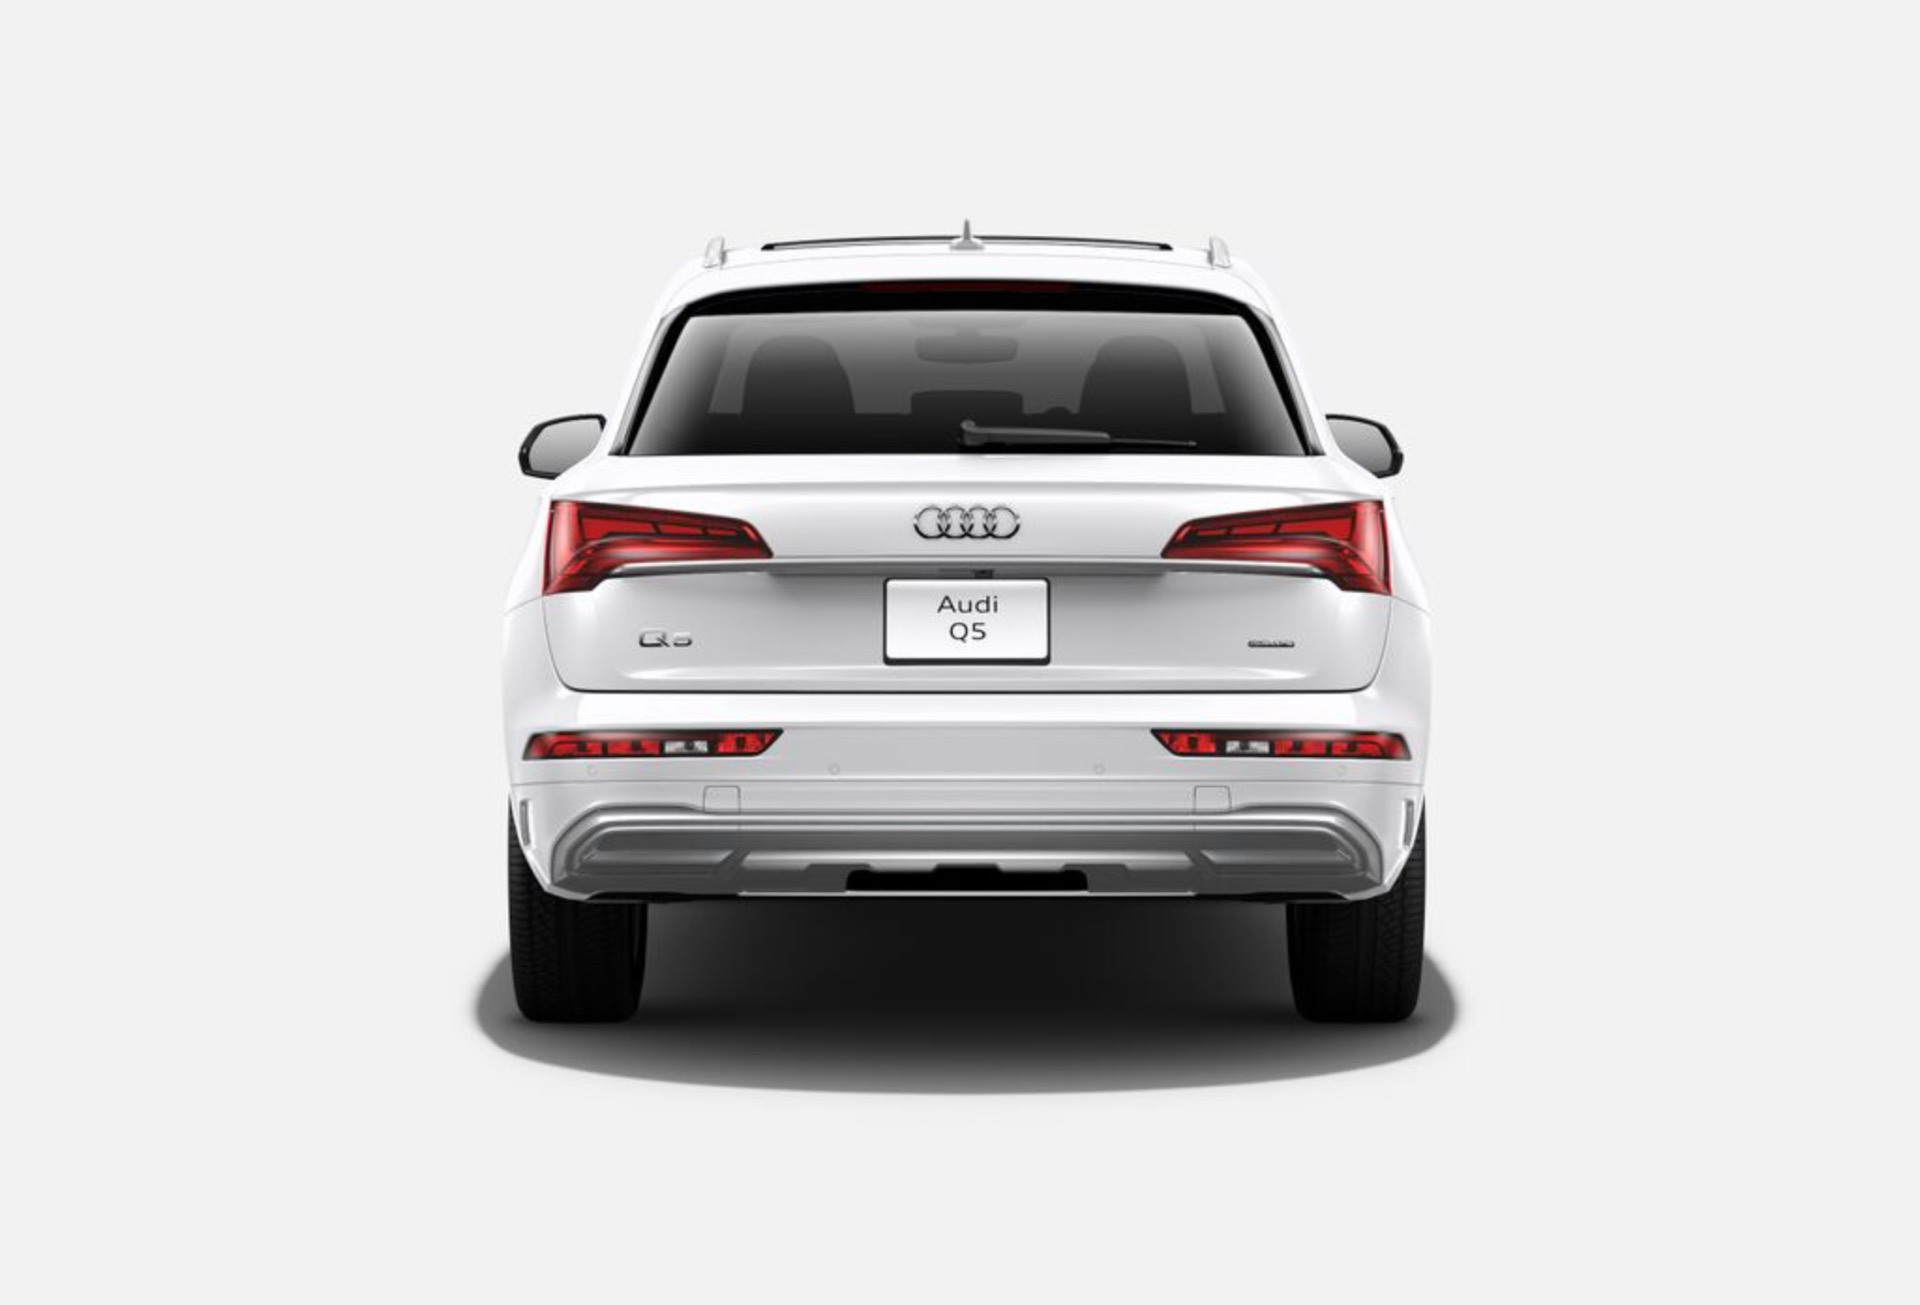 New-2021-Audi-Q5-45-TFSI-Quattro